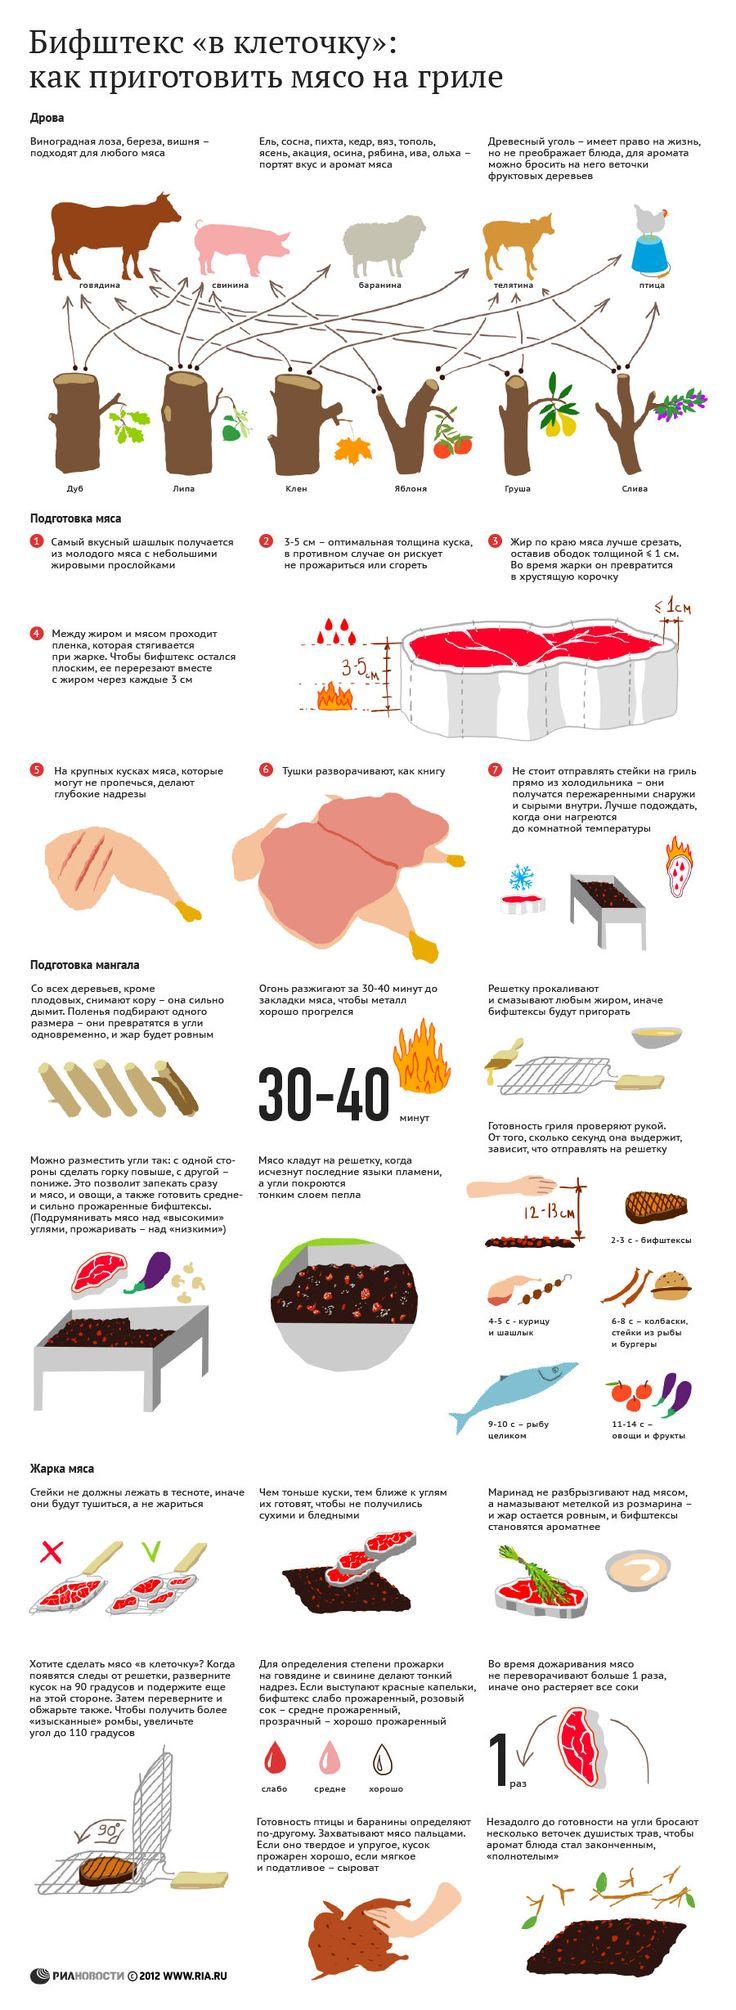 Приготовить вкусное мясо на открытом огне не так просто, как может показаться. Например, если положить стейк на гриль прямо из холодильника, он превратиться в…